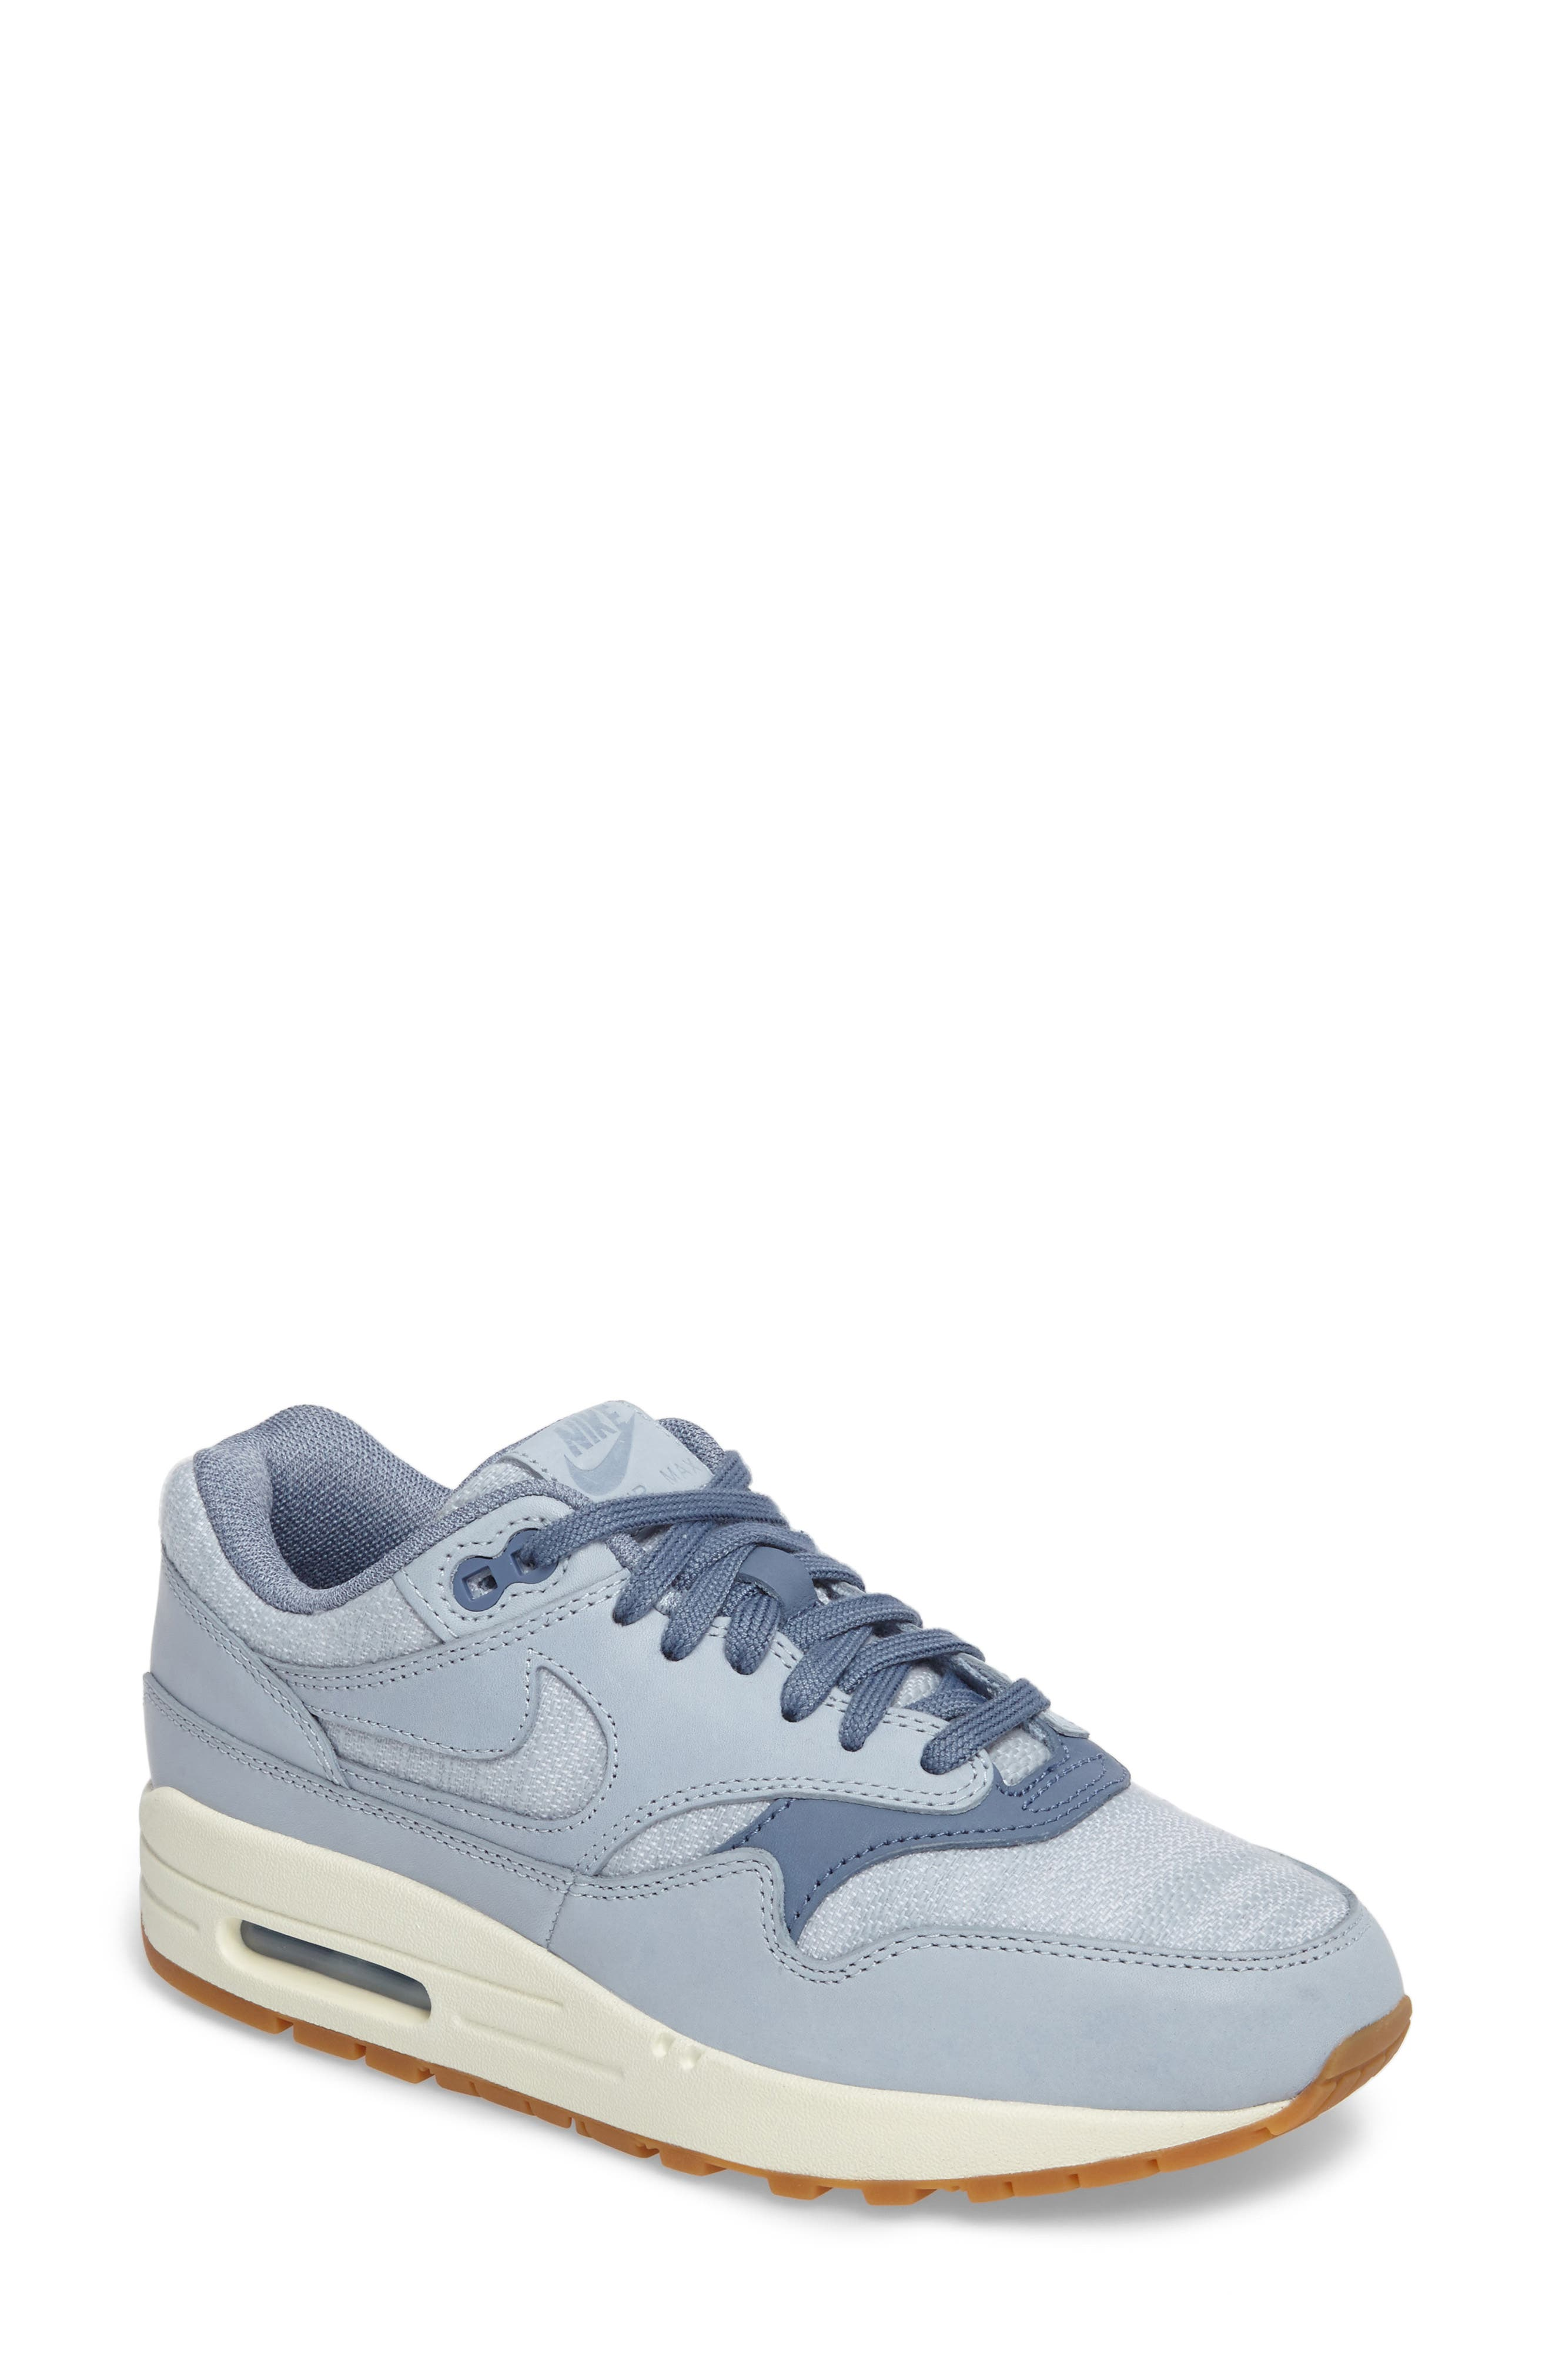 Nike 'Air Max 1 Vintage' Sneakers (Women)